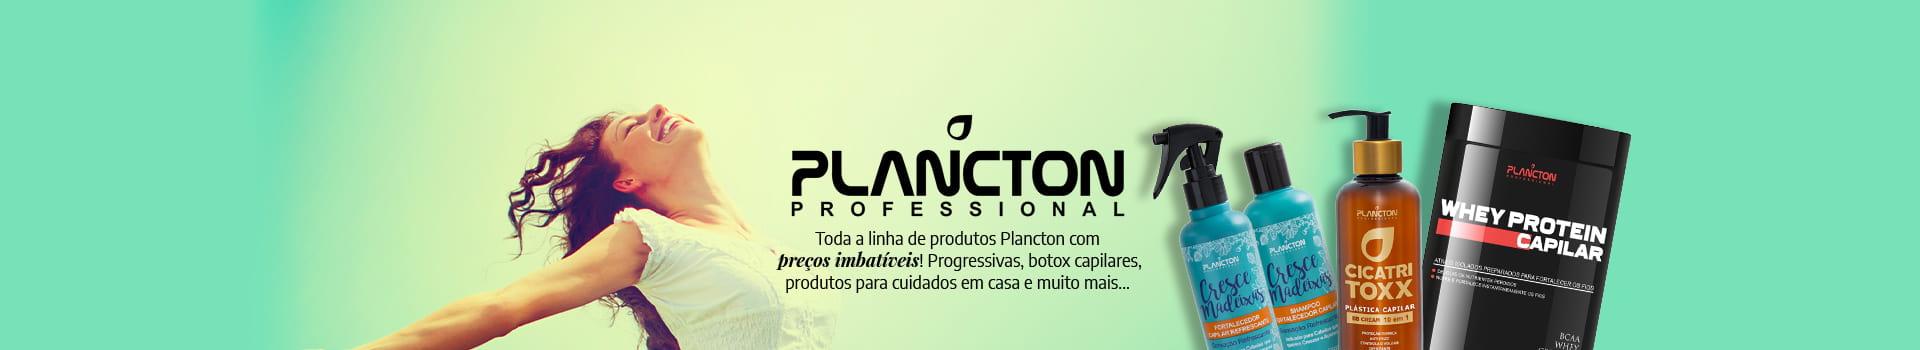 Relançamento Plancton